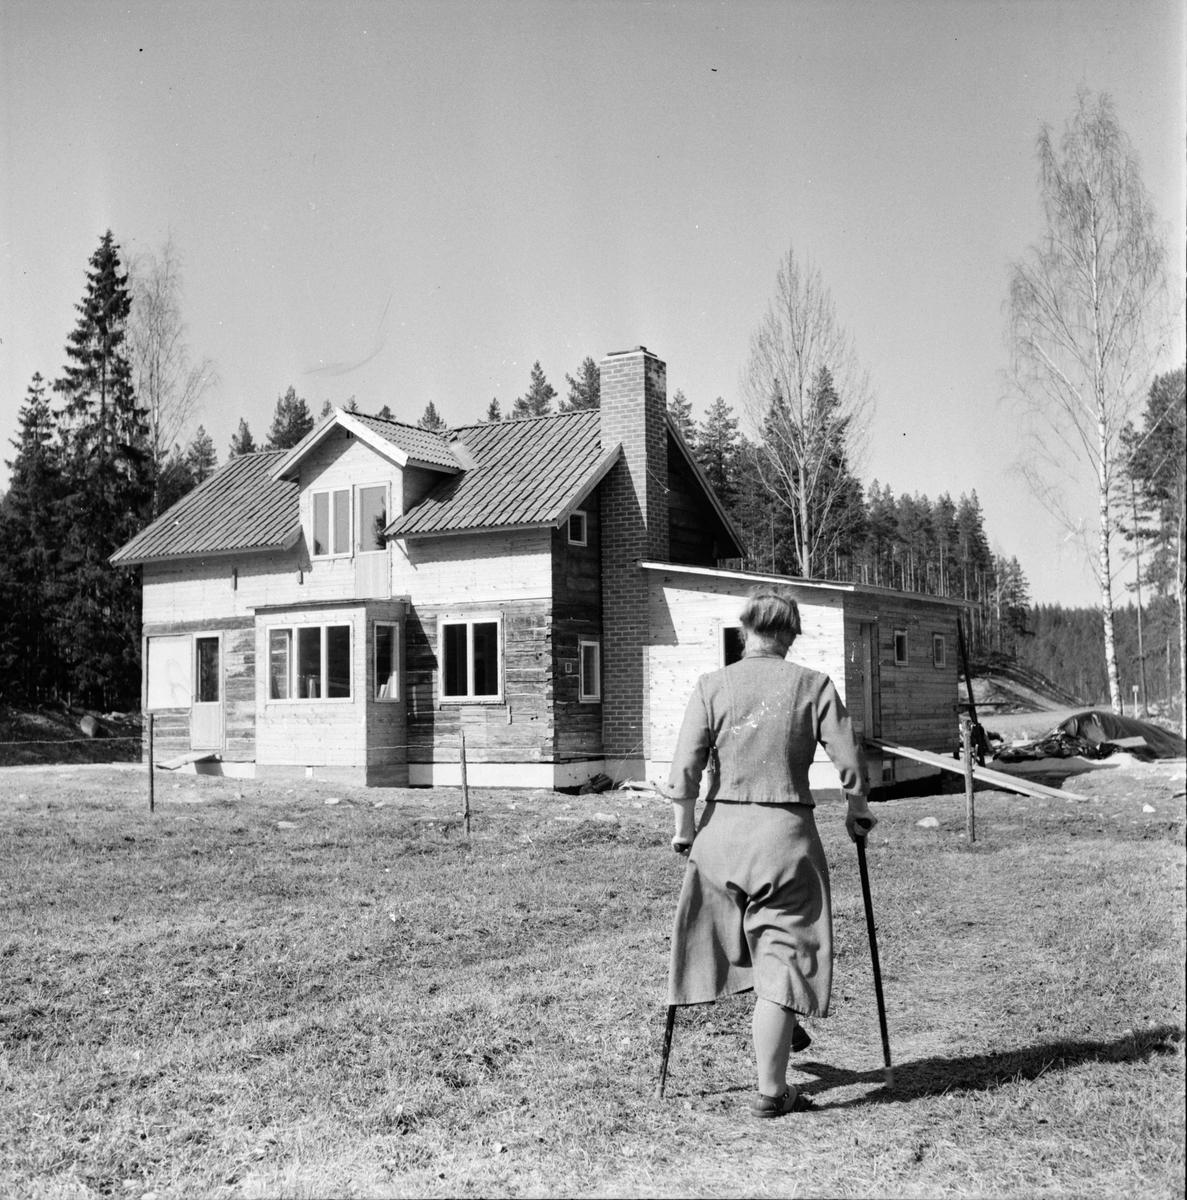 Rygge. Makarna Matilda och Per Blom Enar Jacobson. 6/5-1965